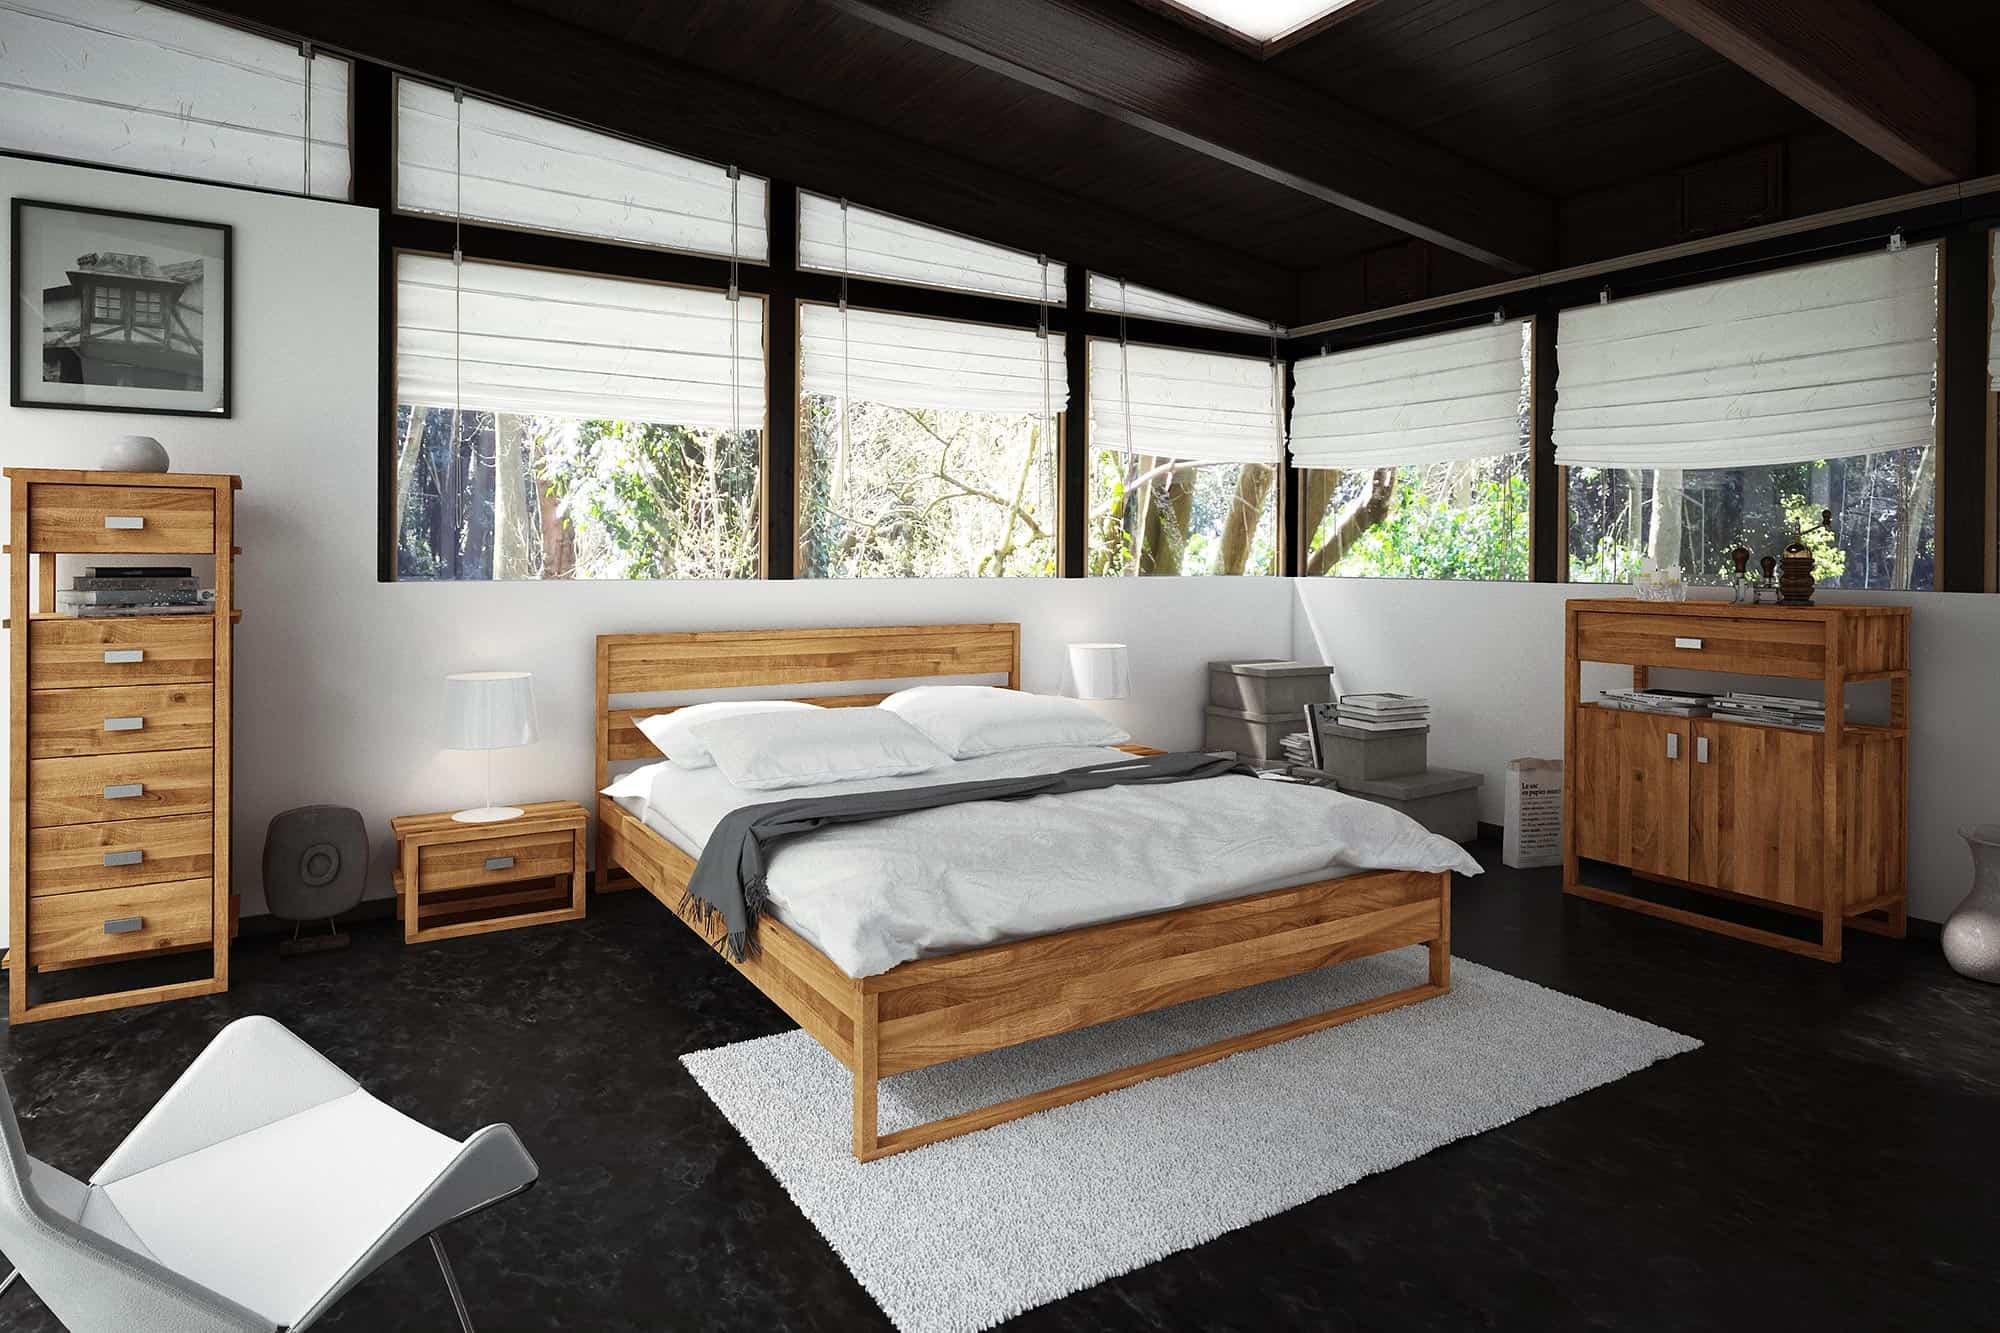 Zdjęcie 1 - Kolekcja MINIMAL do sypialni